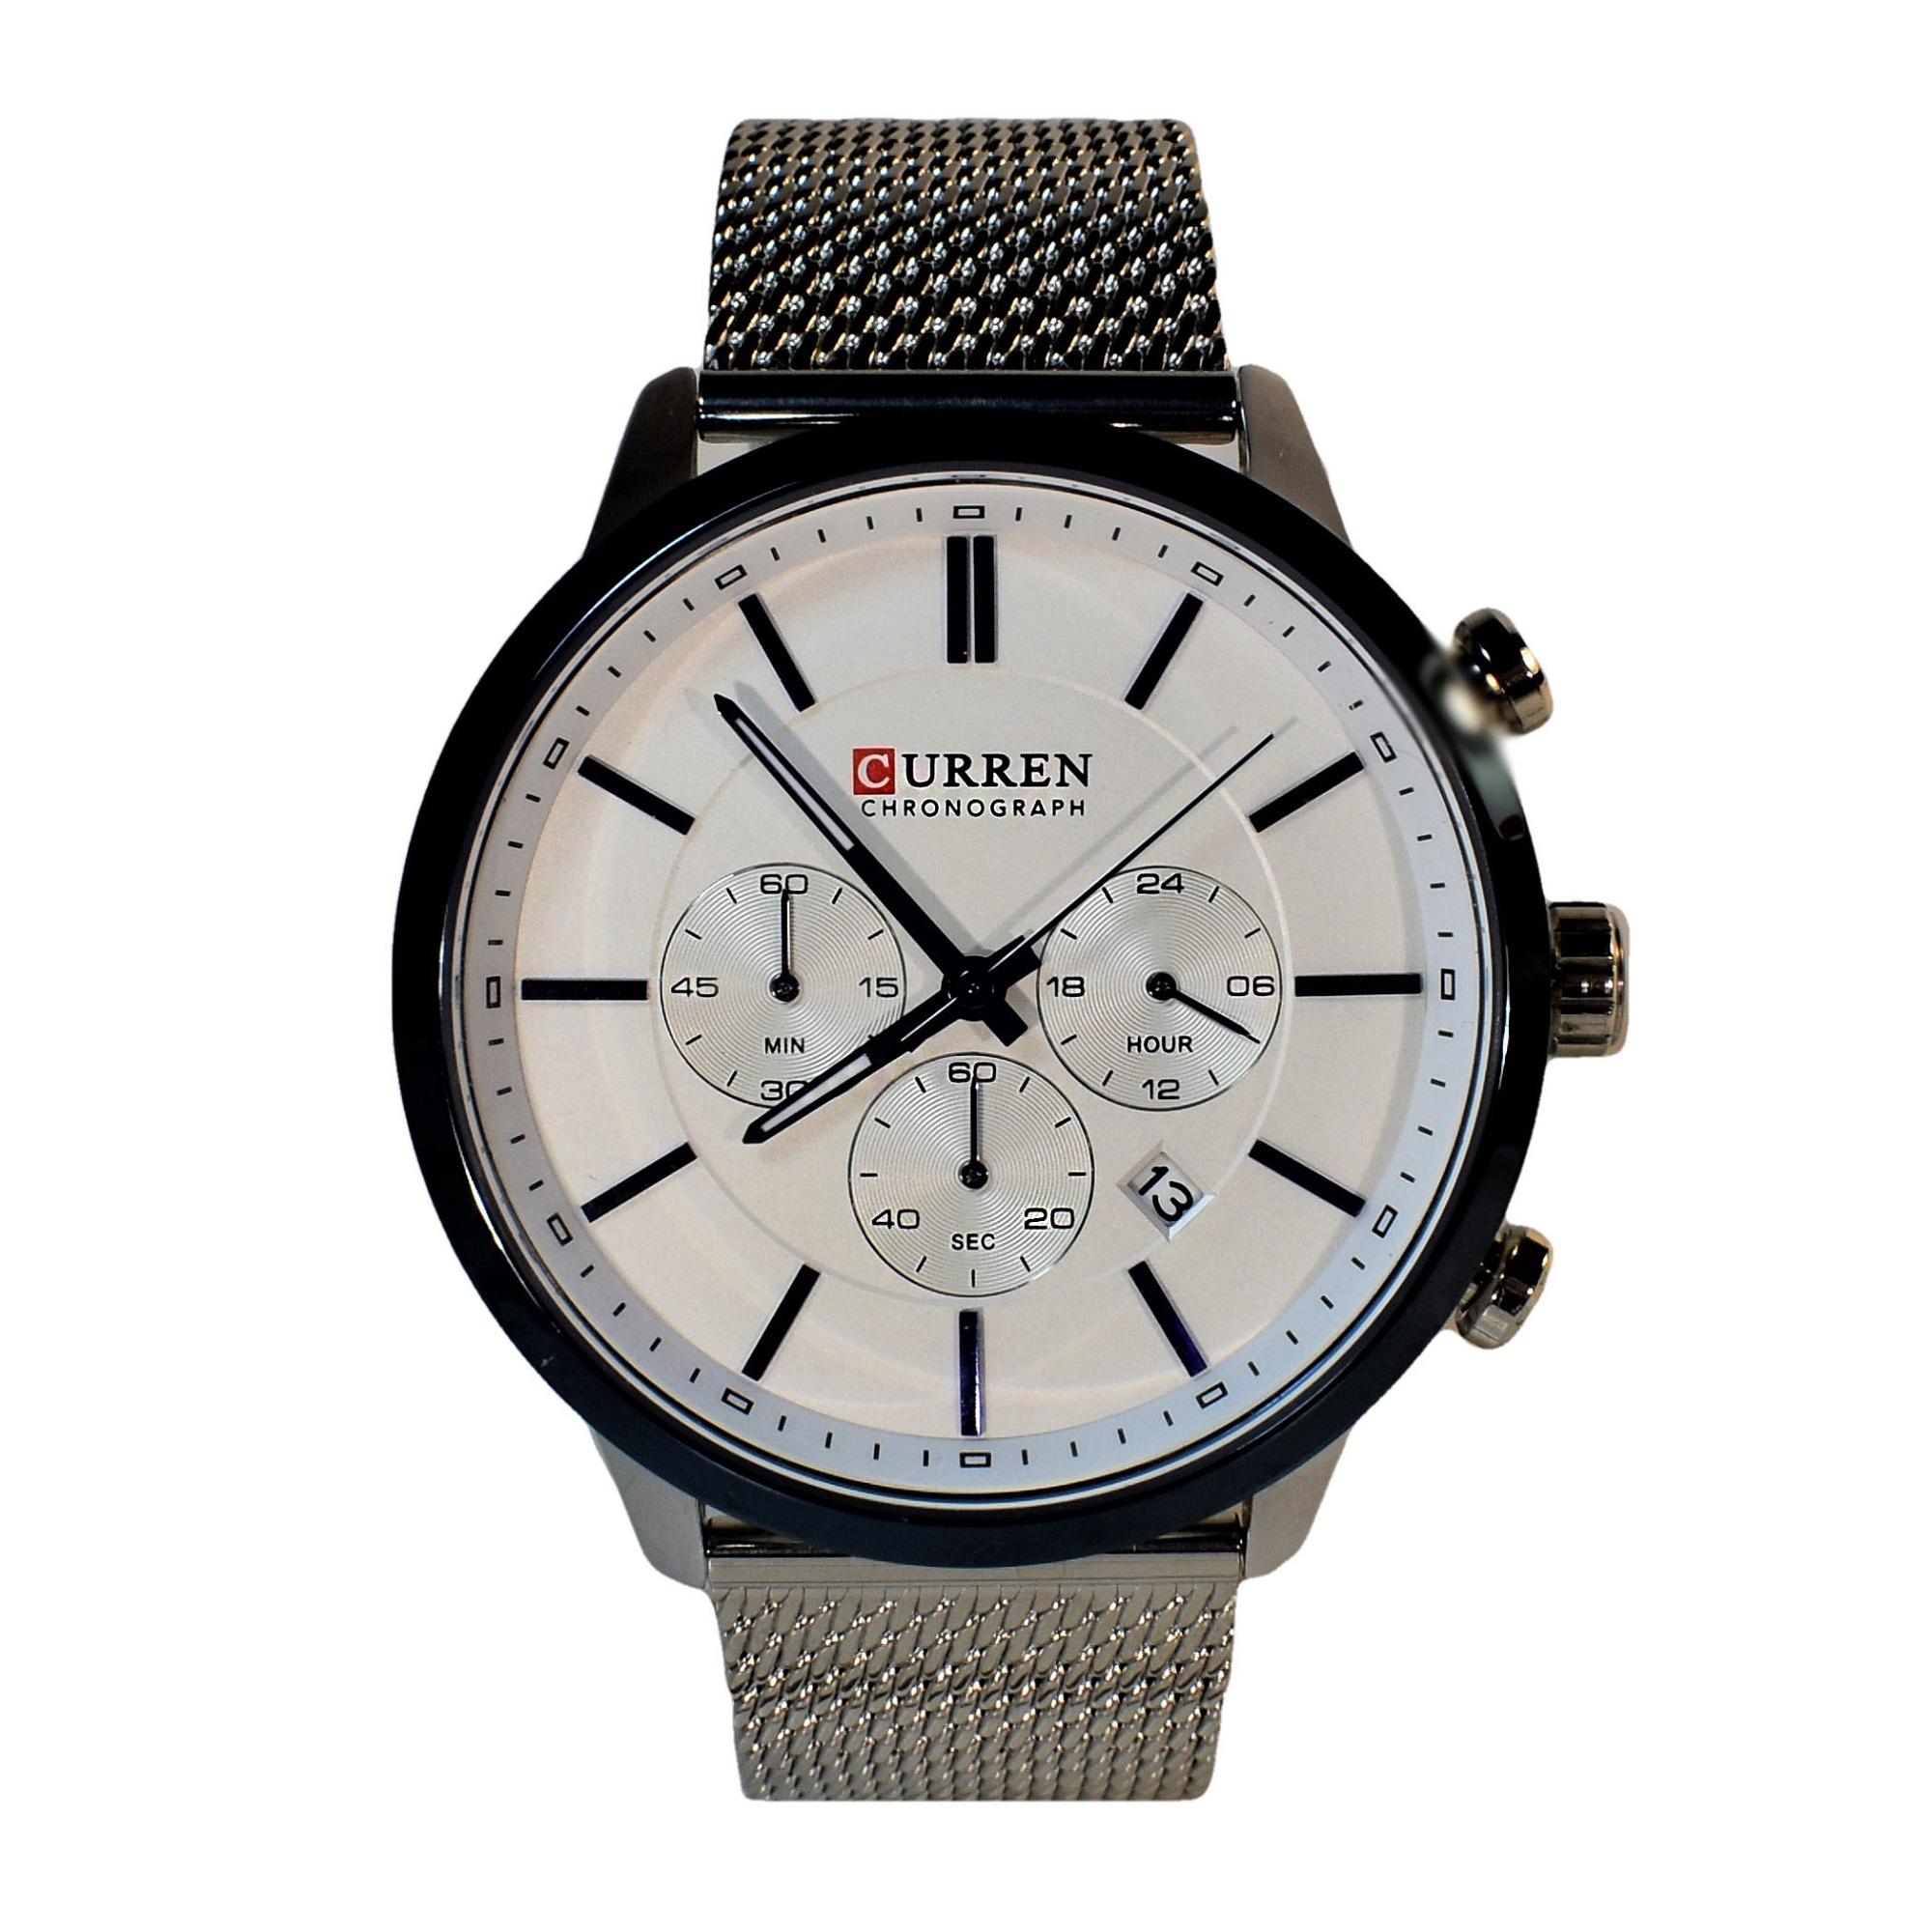 ساعت مچی عقربهای مردانه کورن واتچ مدل M-8340